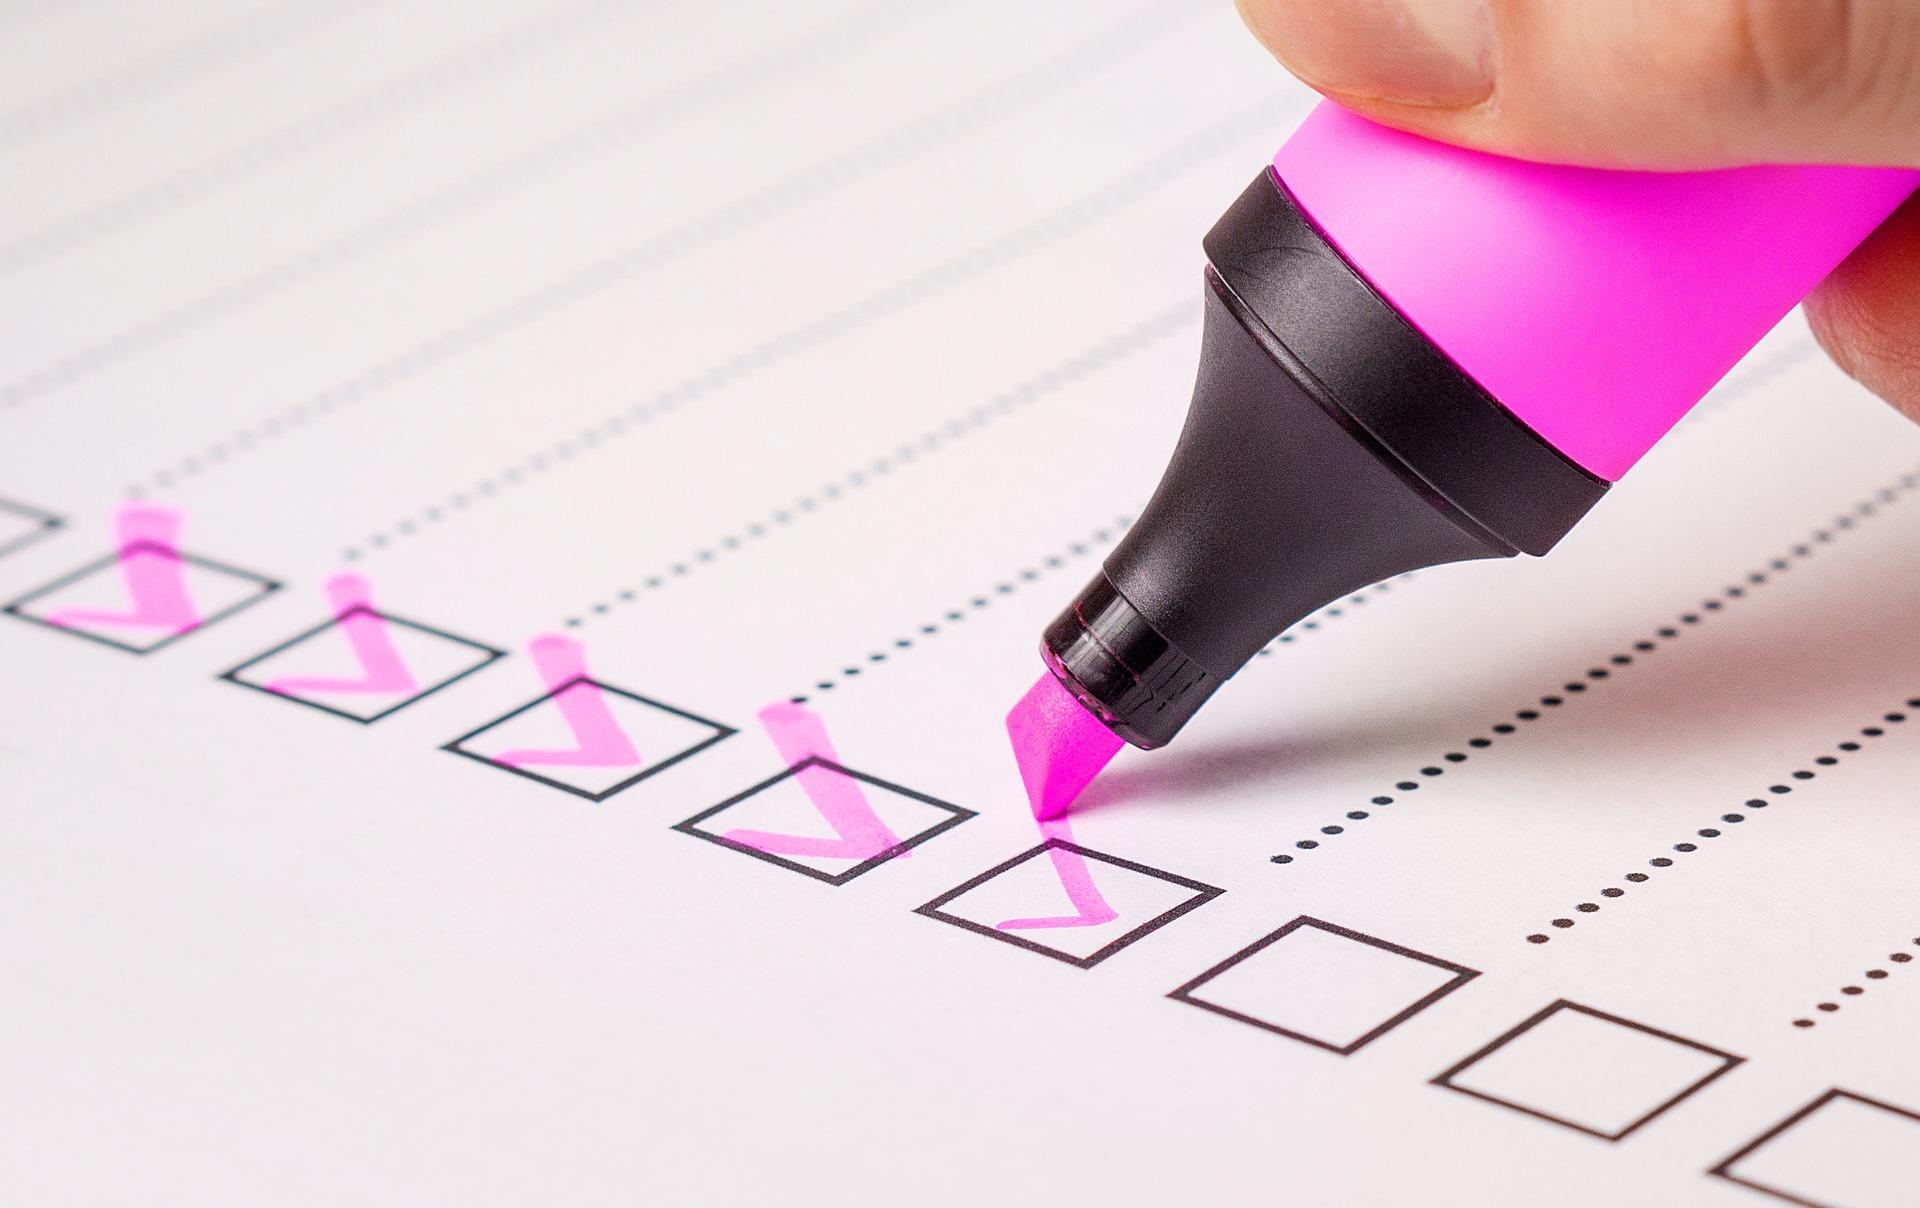 dops bts am outils : questionnaire enquête